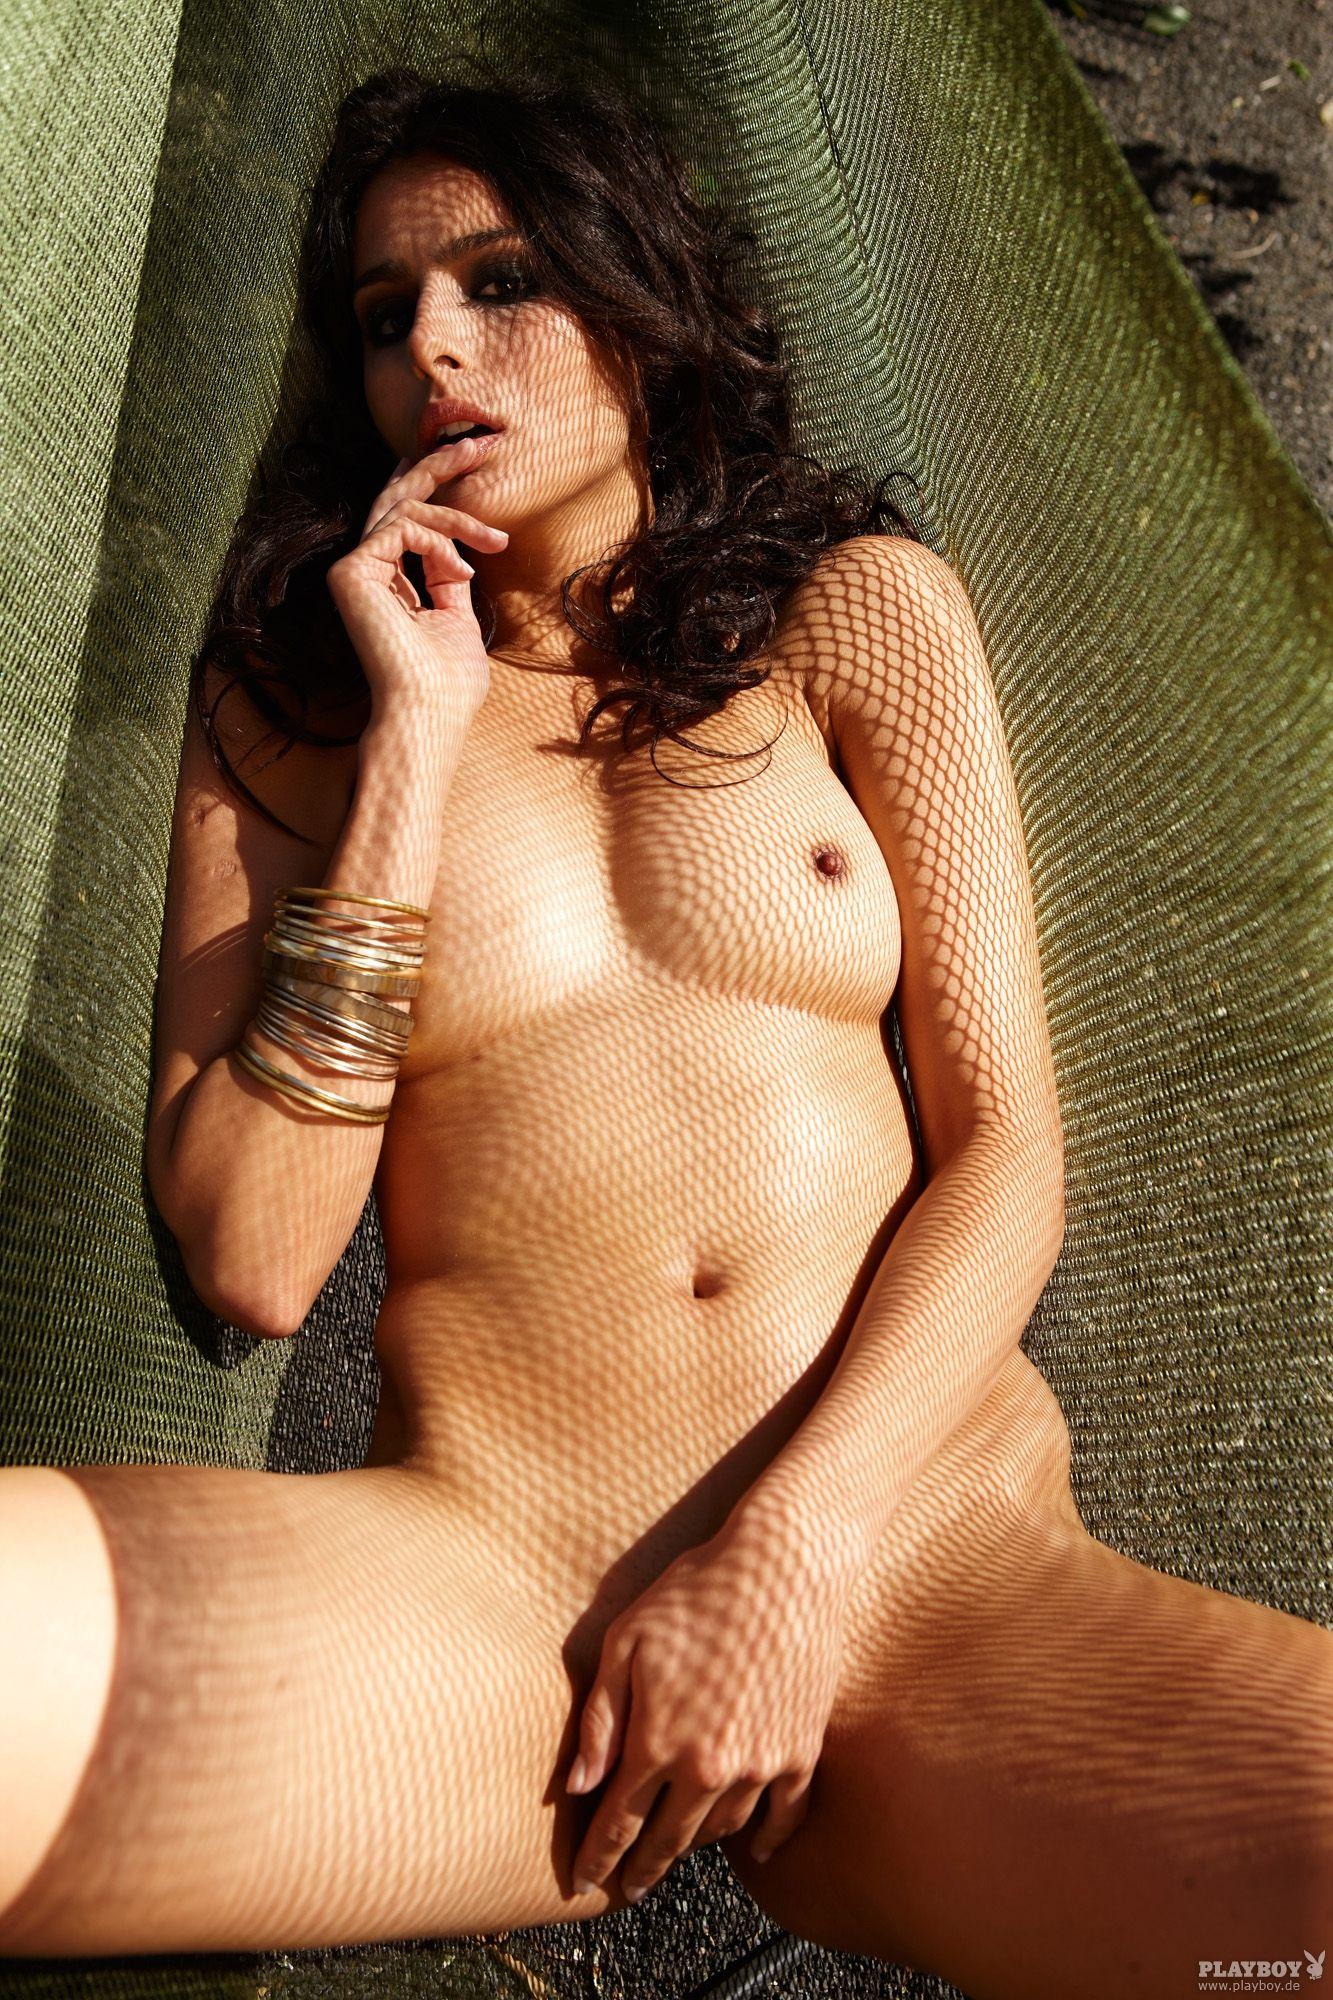 31771_GabrielaMilagre_PlayboyGermany_August201223_123_133lo.jpg